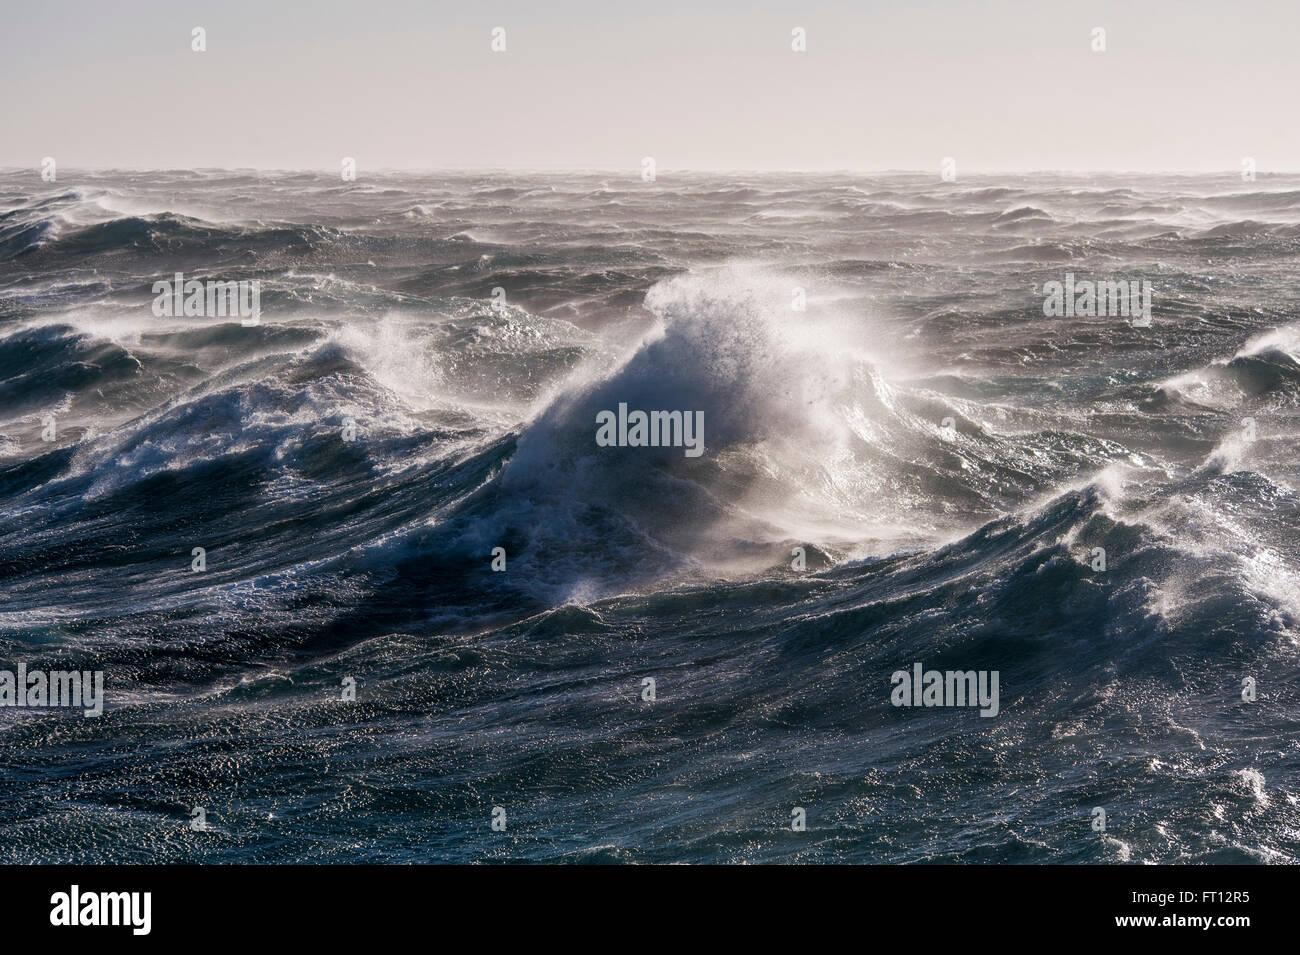 Hautes vagues dans de très grosse mer dans l'océan du sud, mer de Ross, Antarctique Banque D'Images